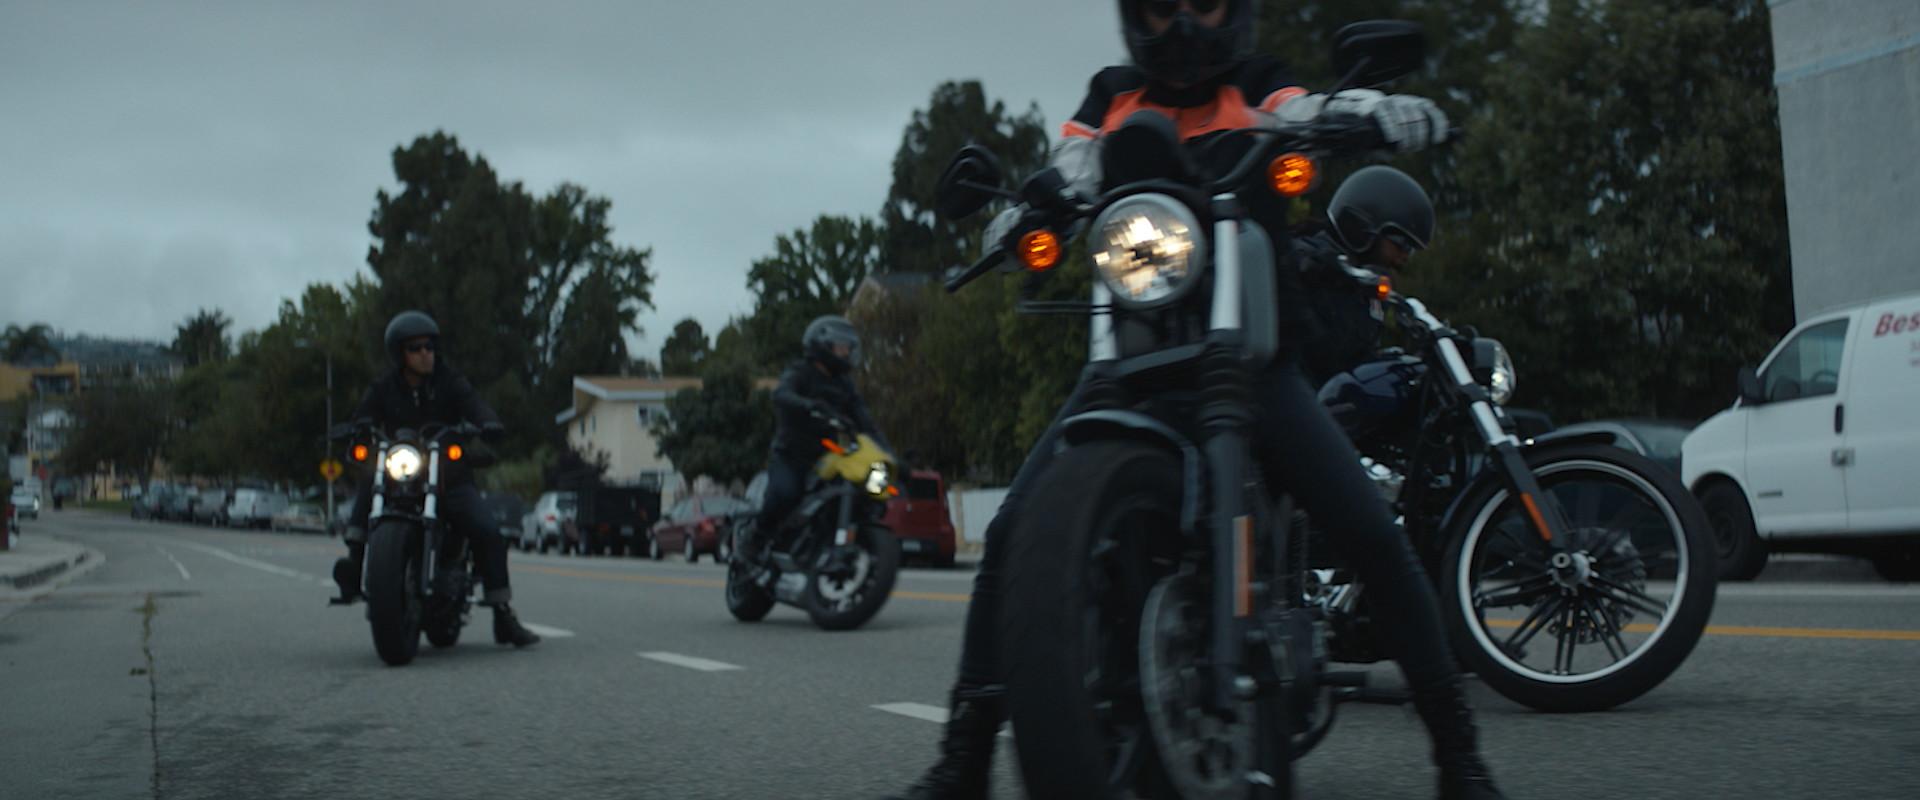 Harley Davidson - Manifesto 90s-0221